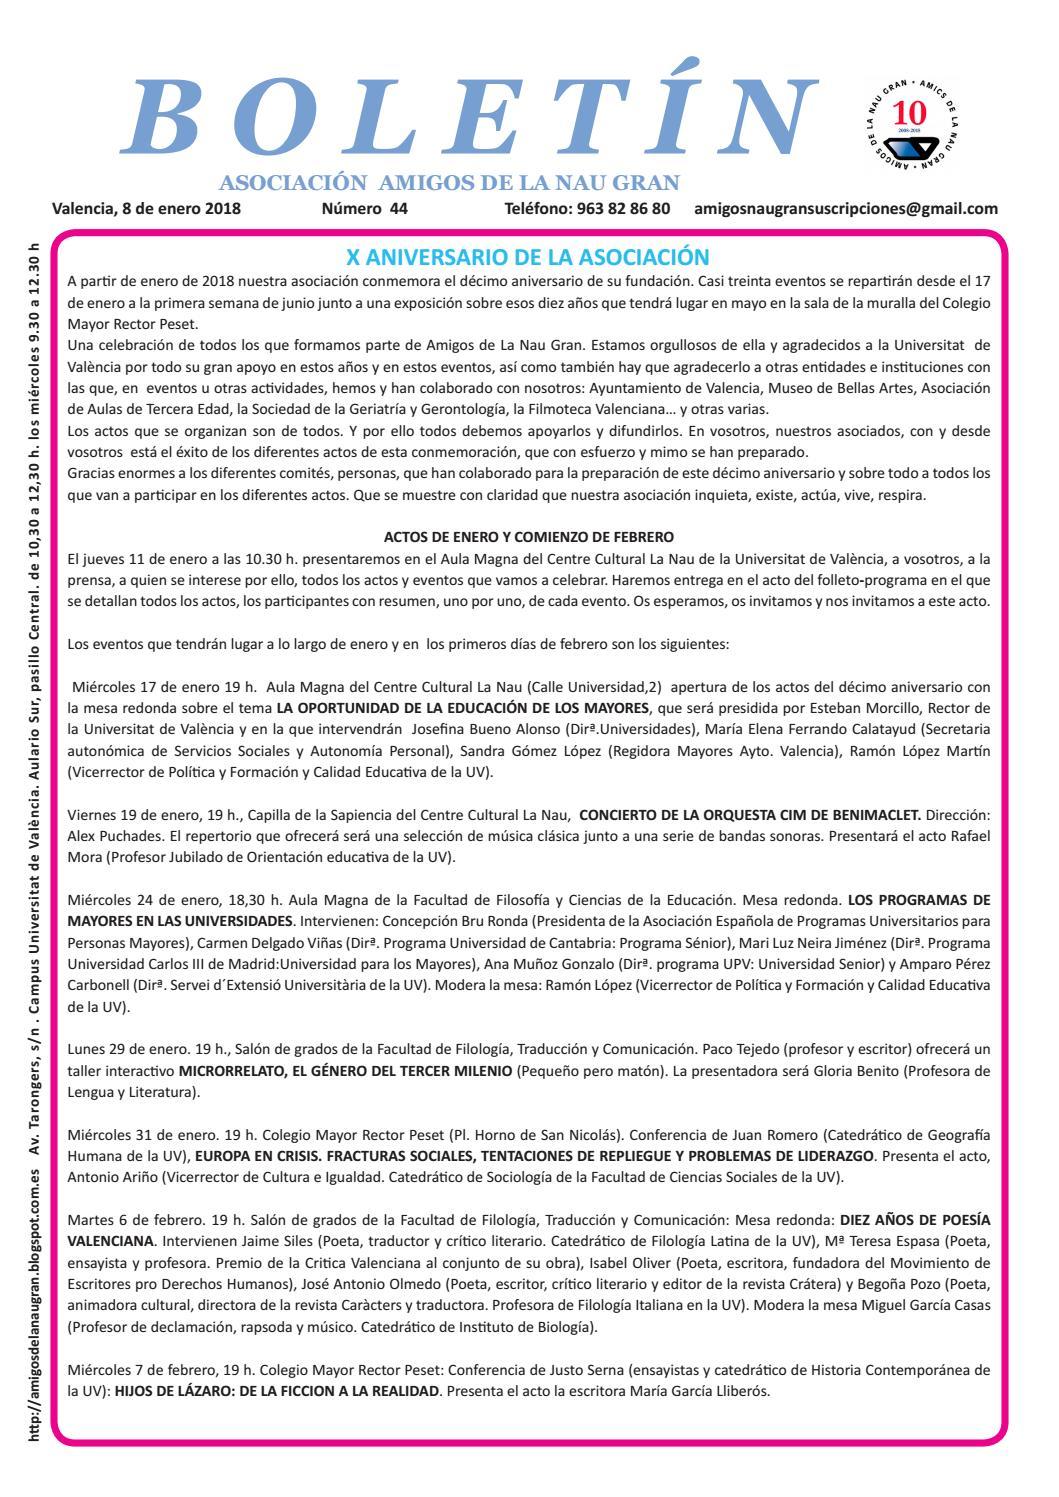 Boletín 44 enero 2018 by Amigos Nau Gran - issuu